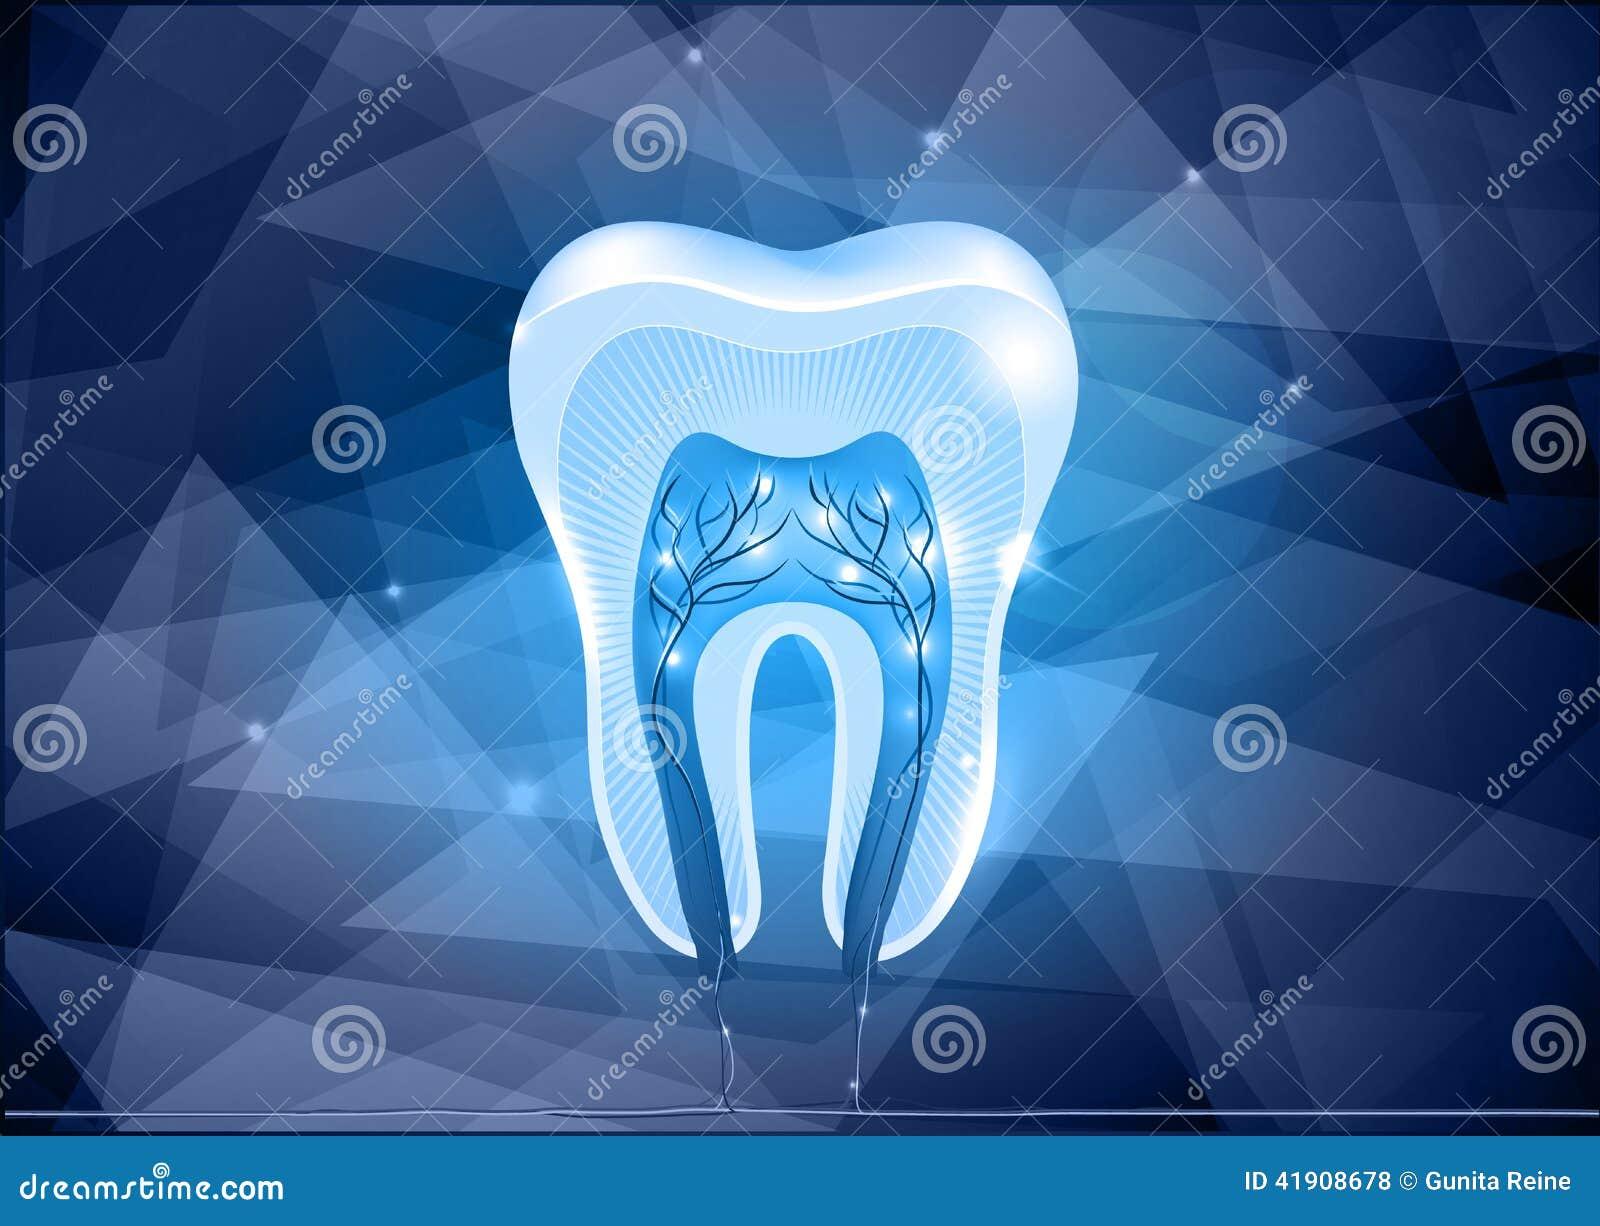 Diseño seccionado transversalmente del diente